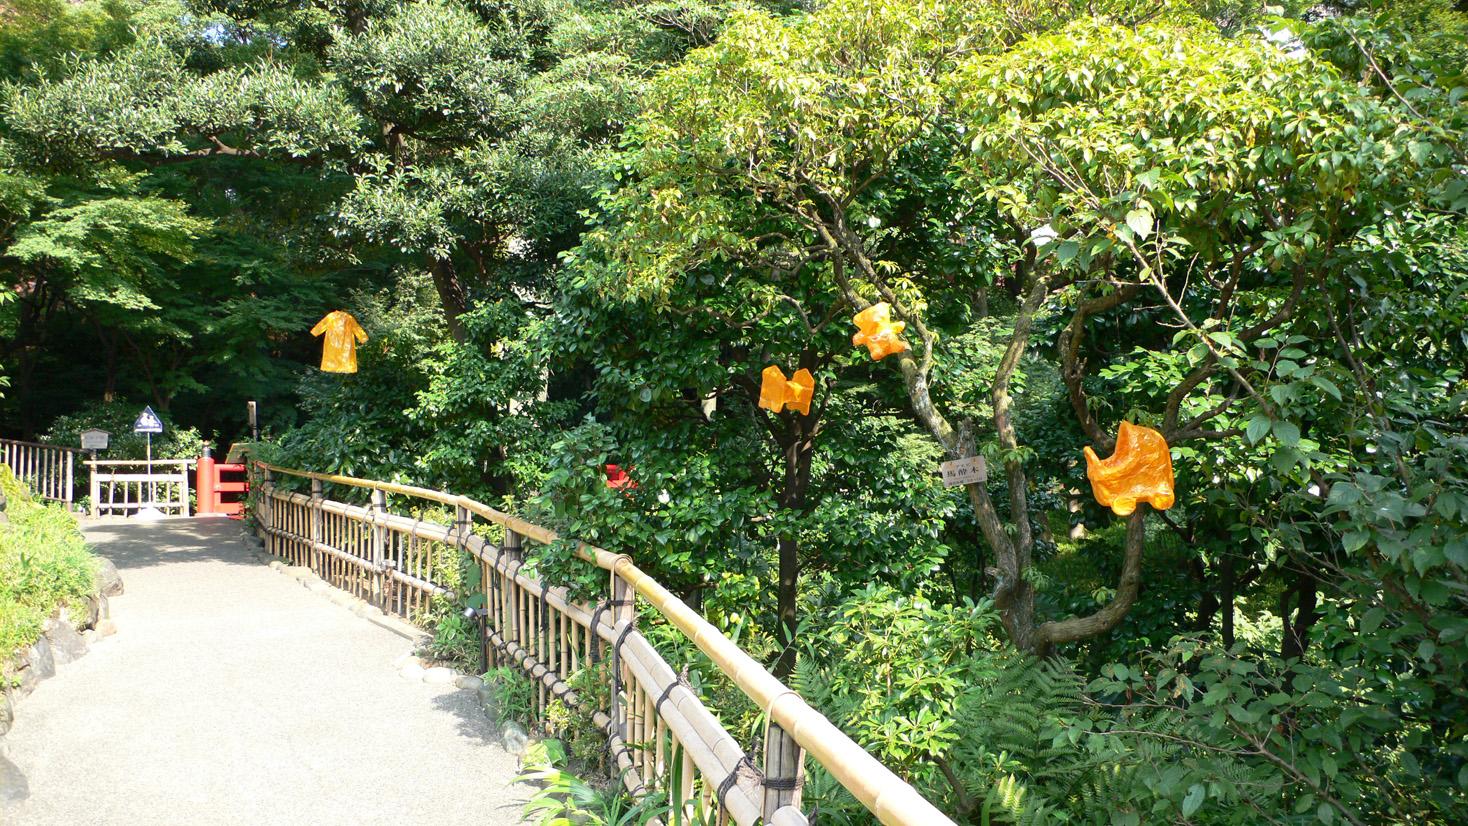 木の間を浮遊する小林雅子の作品「記憶の残光」